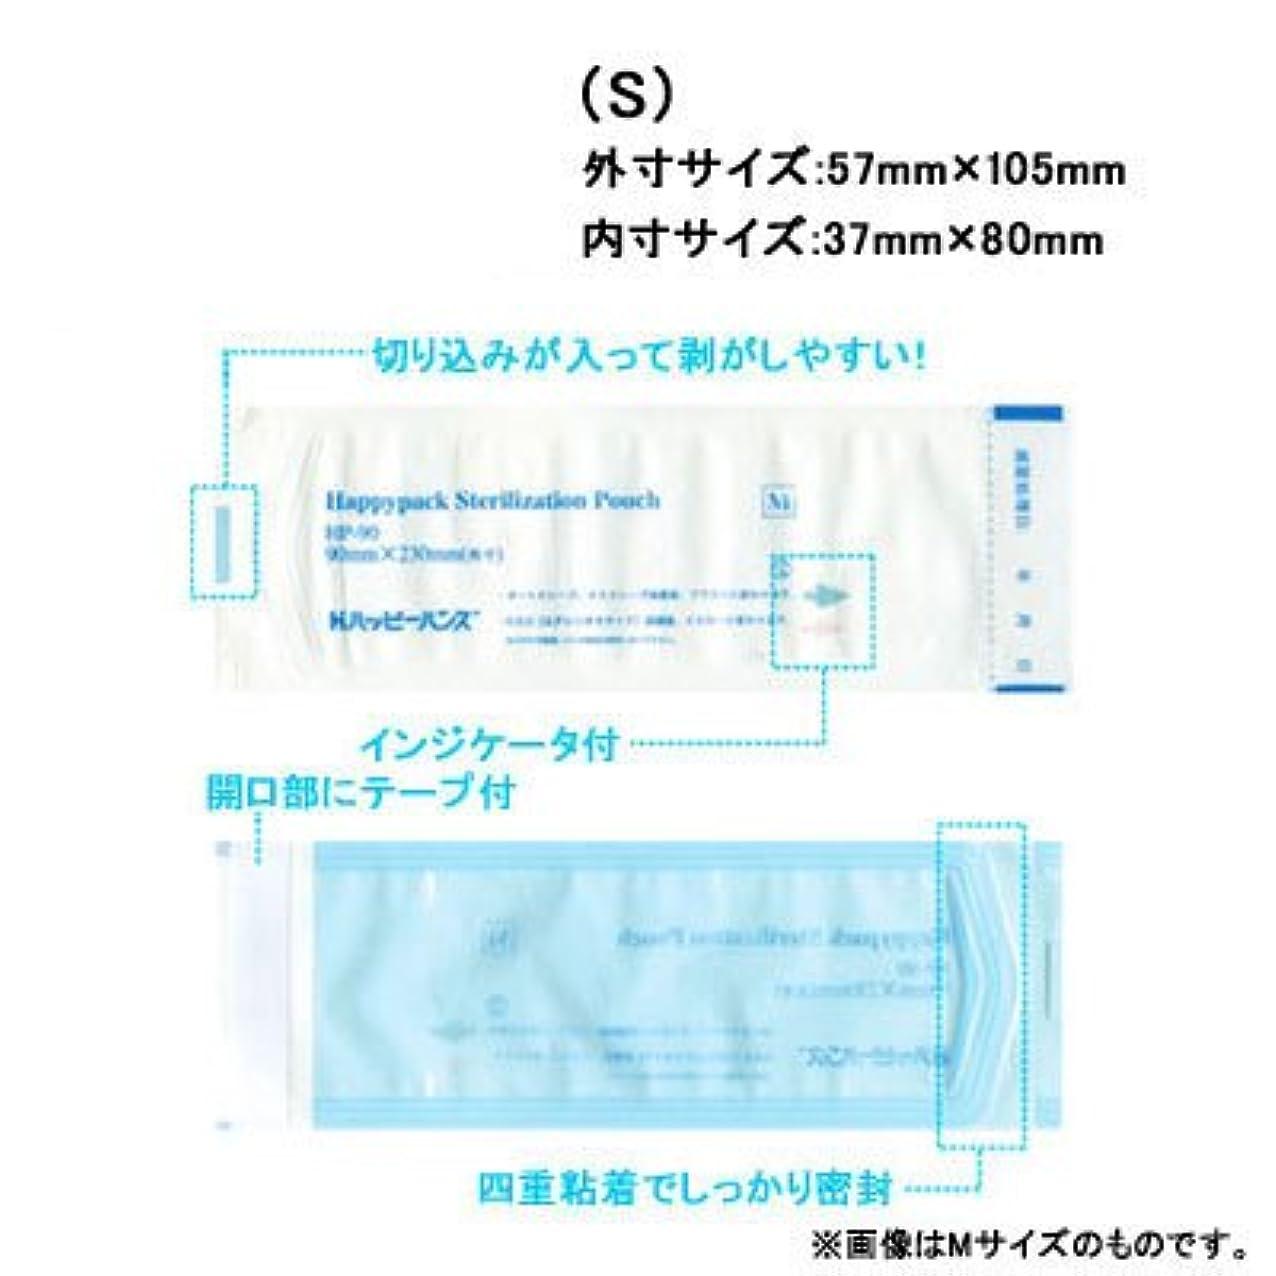 陽気な連帯伝統的(ロータス)LOTUS ハッピーパックシール Sサイズ (滅菌 パウチ シールタイプ)(57mm×105mm)